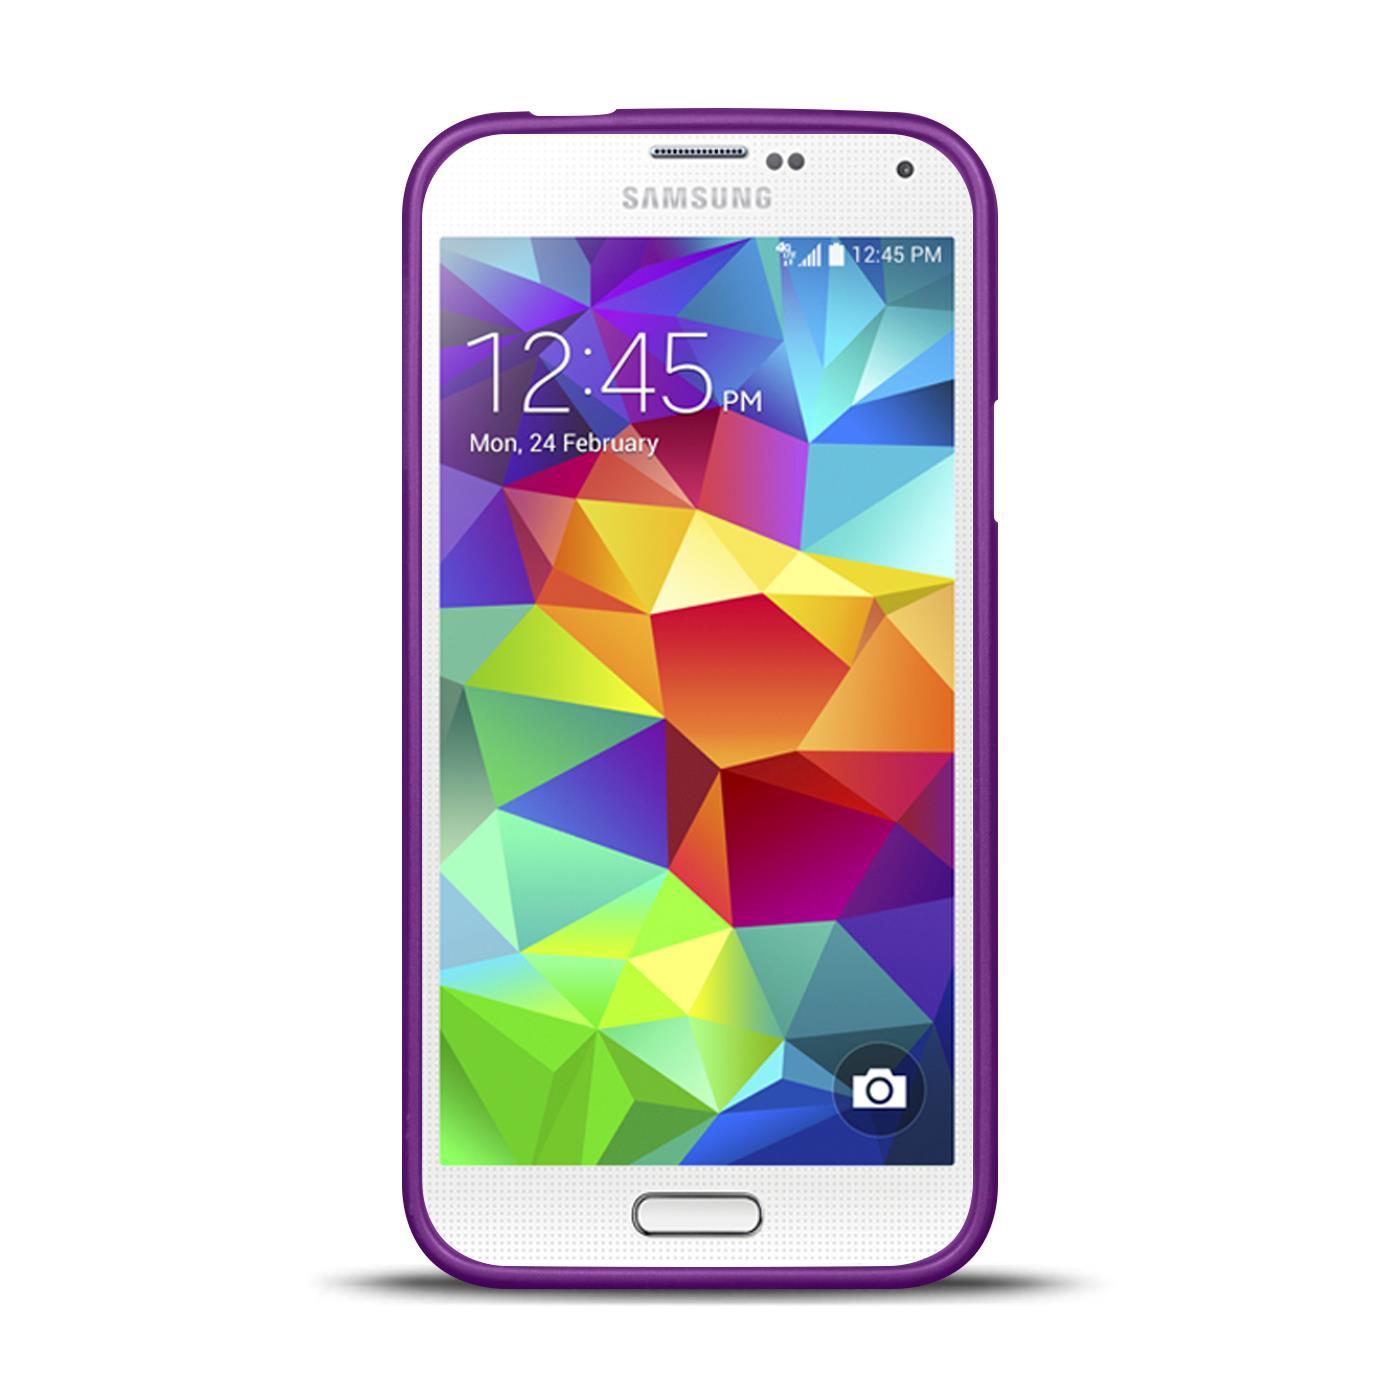 Silikon-Bumper-Case-Samsung-Galaxy-s5-Neo-duenne-ultra-slim-Stossfeste-Rueckschale Indexbild 27